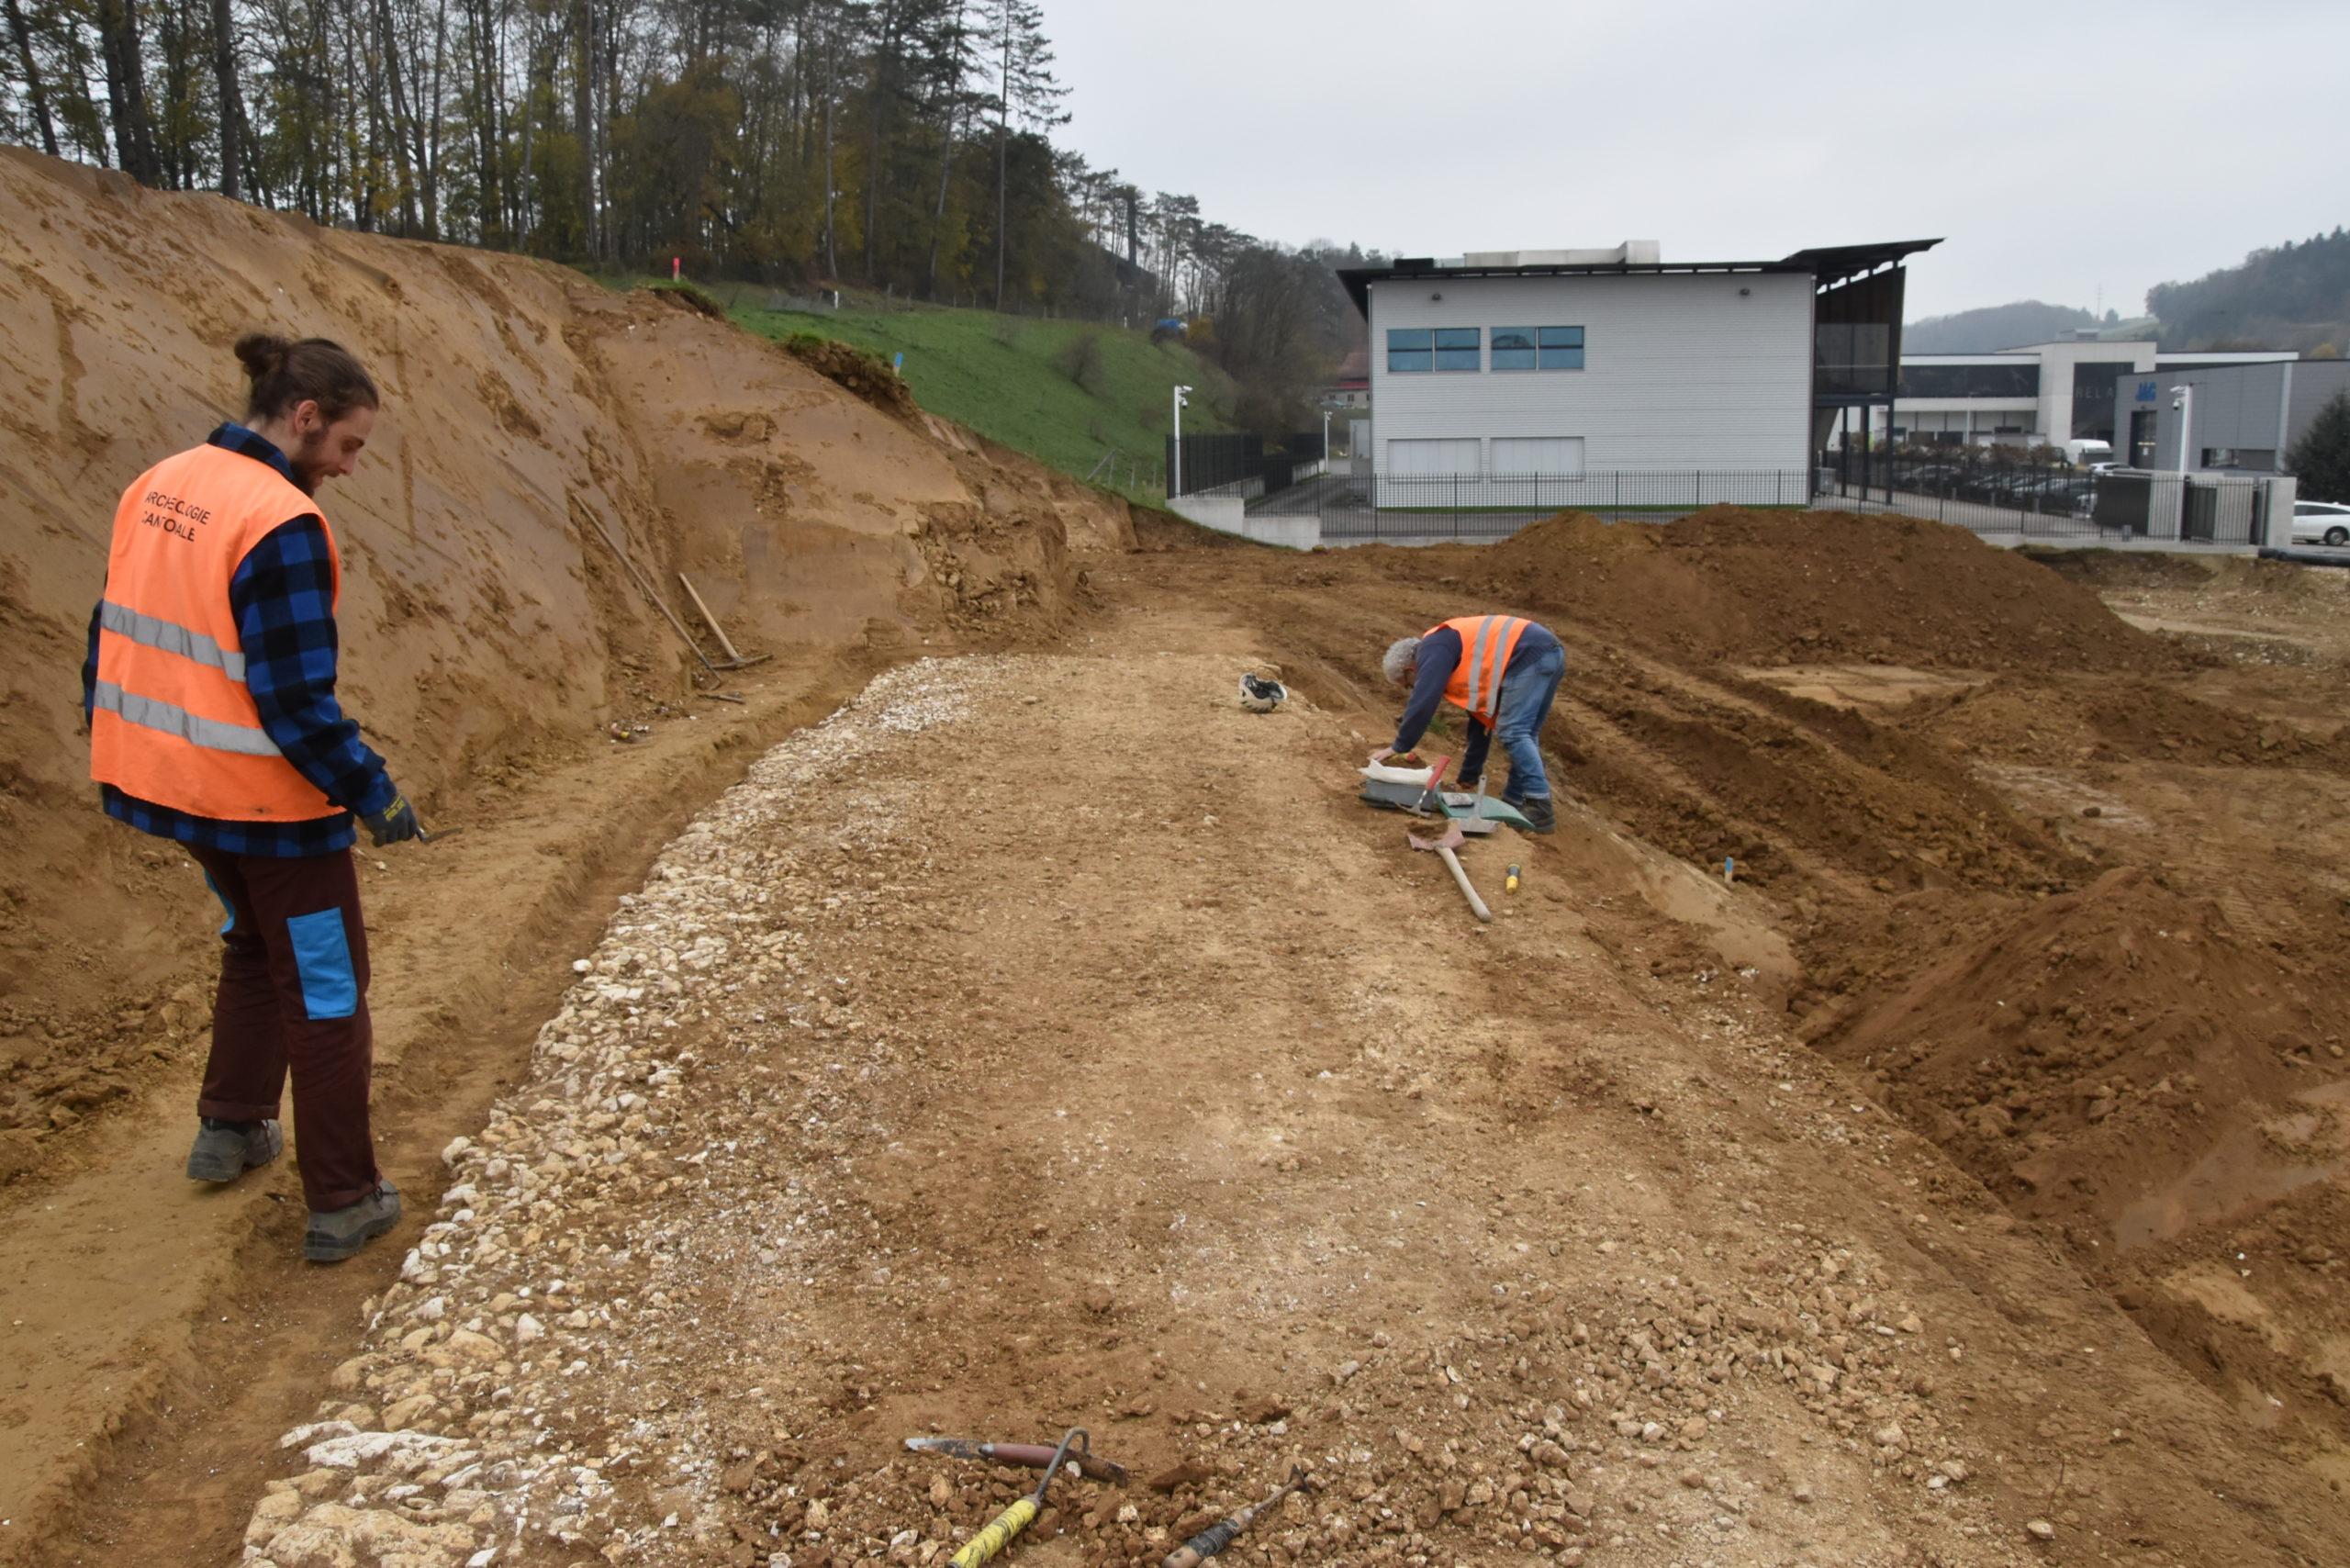 Voie romaine découverte près de Porrentruy en novembre 2020.